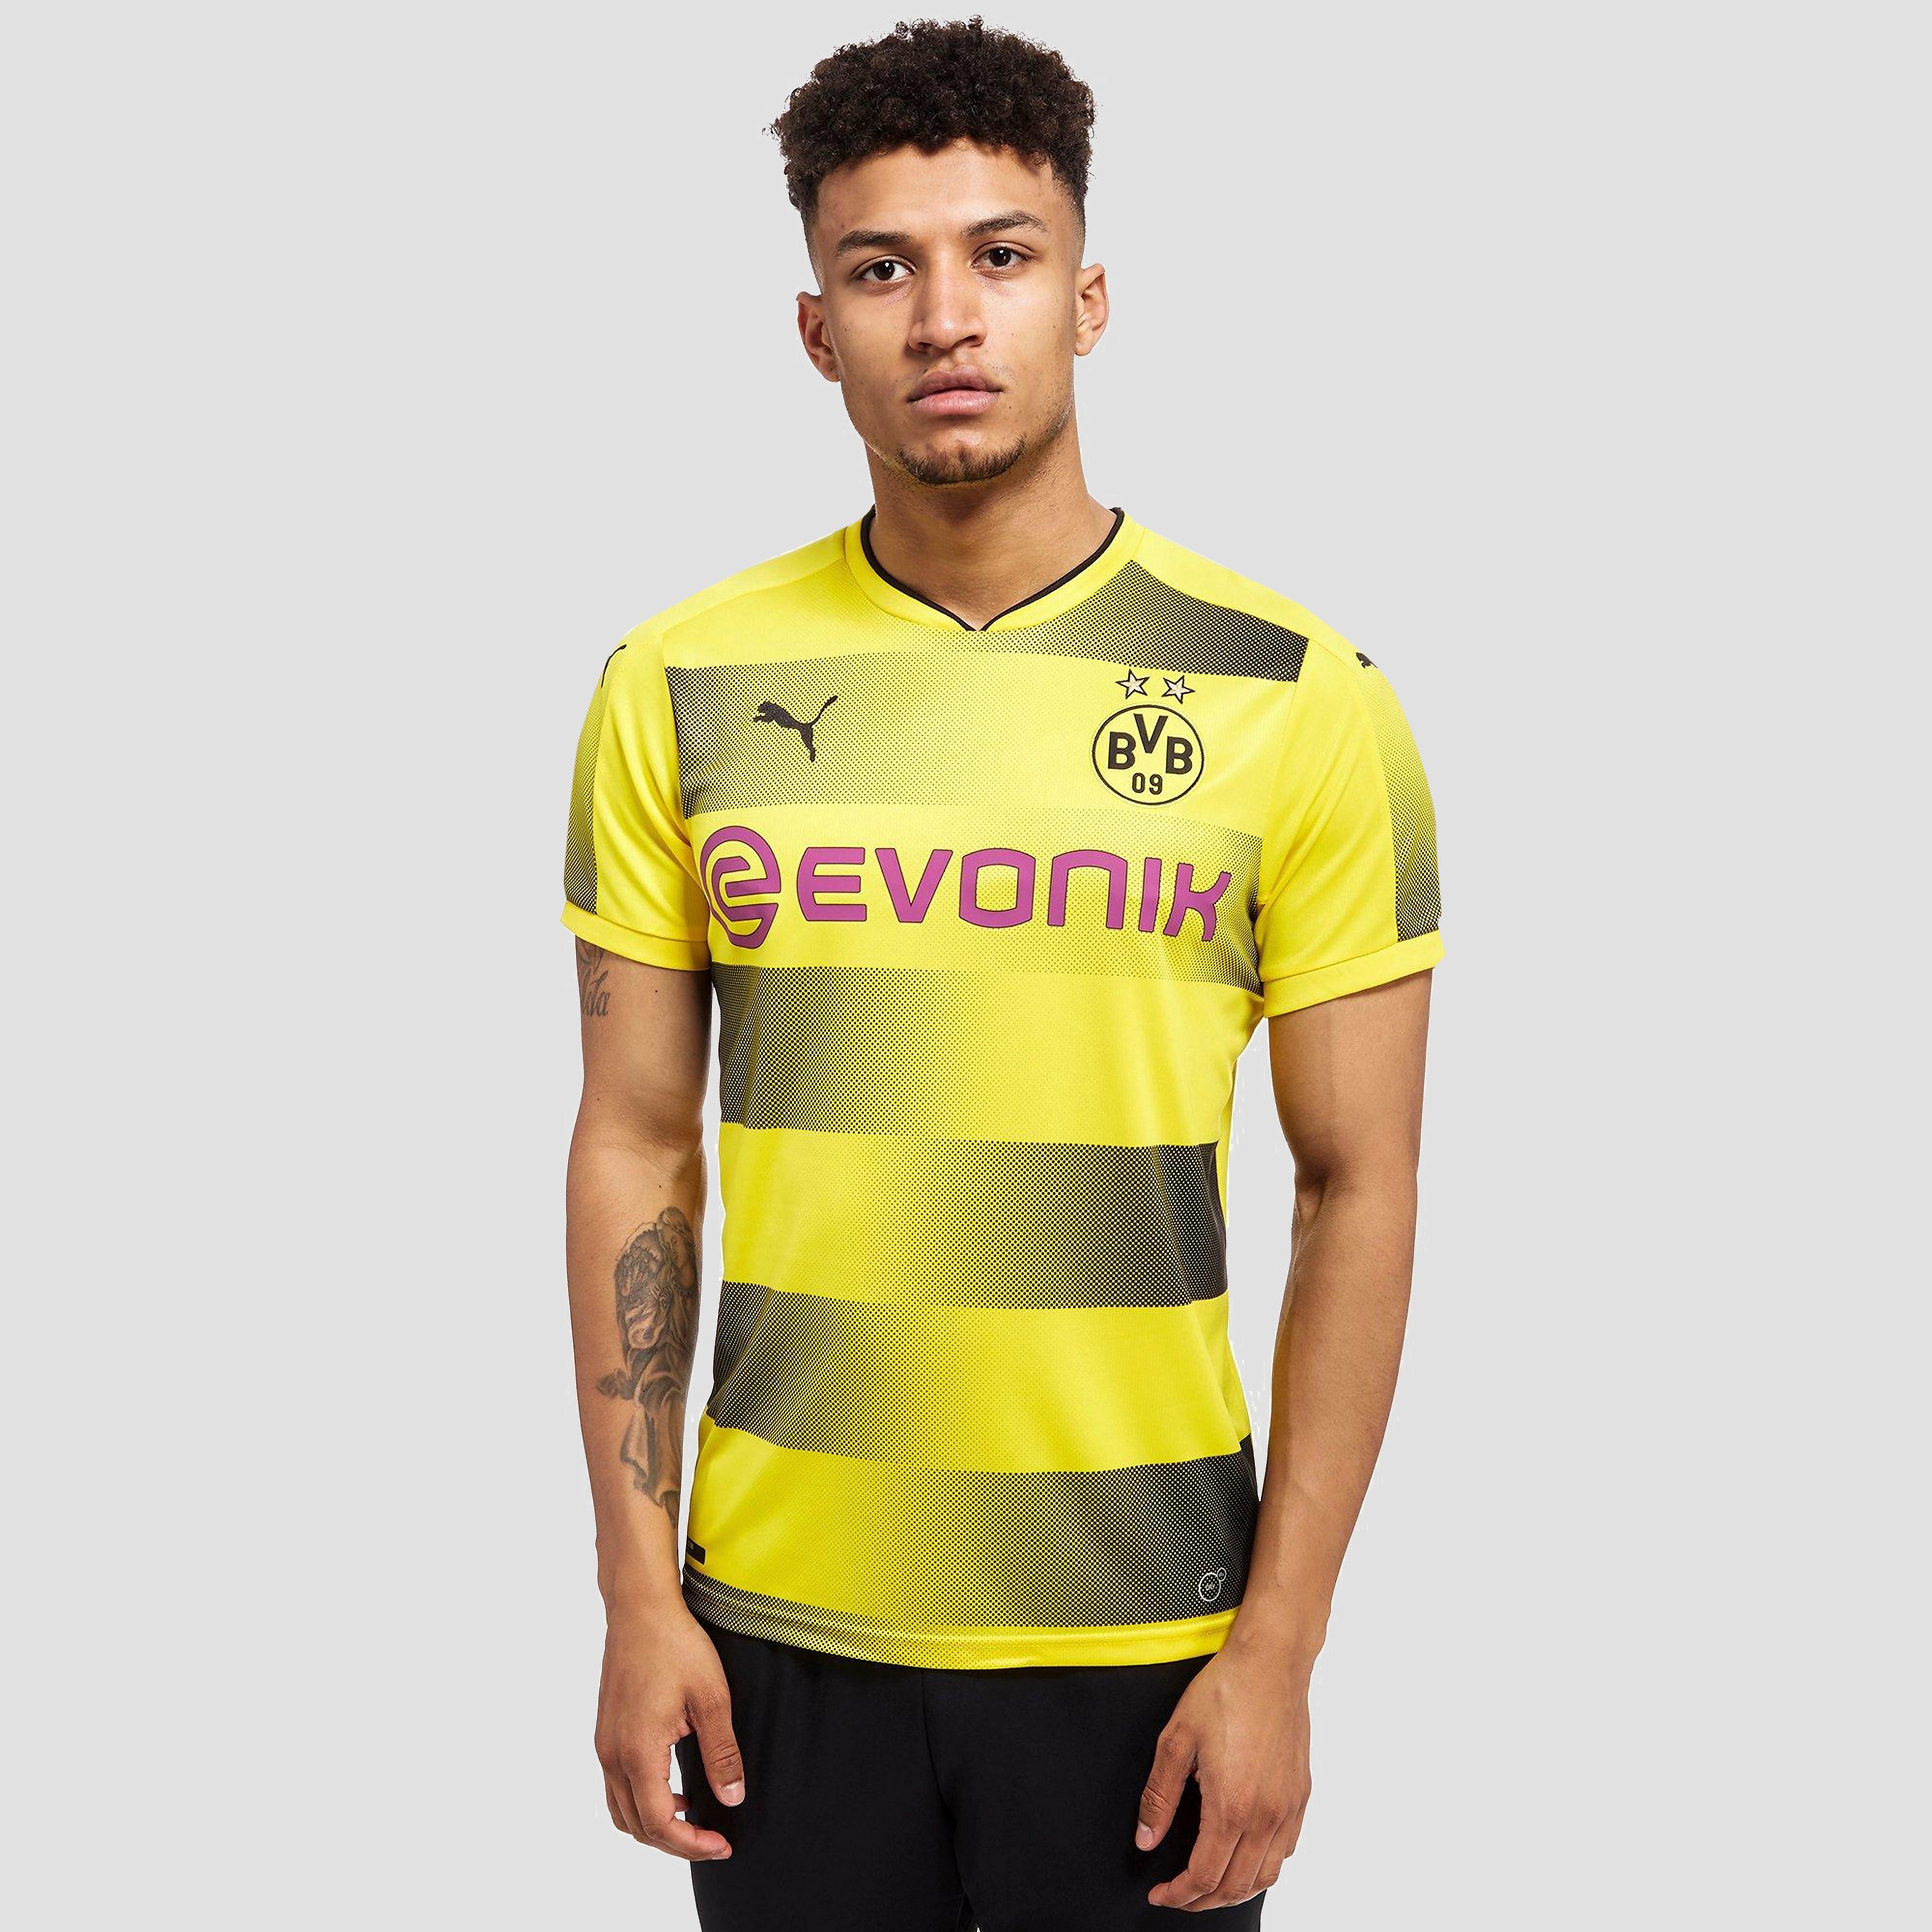 PUMA Borussia Dortmund 2017/18 Men's Home Shirt